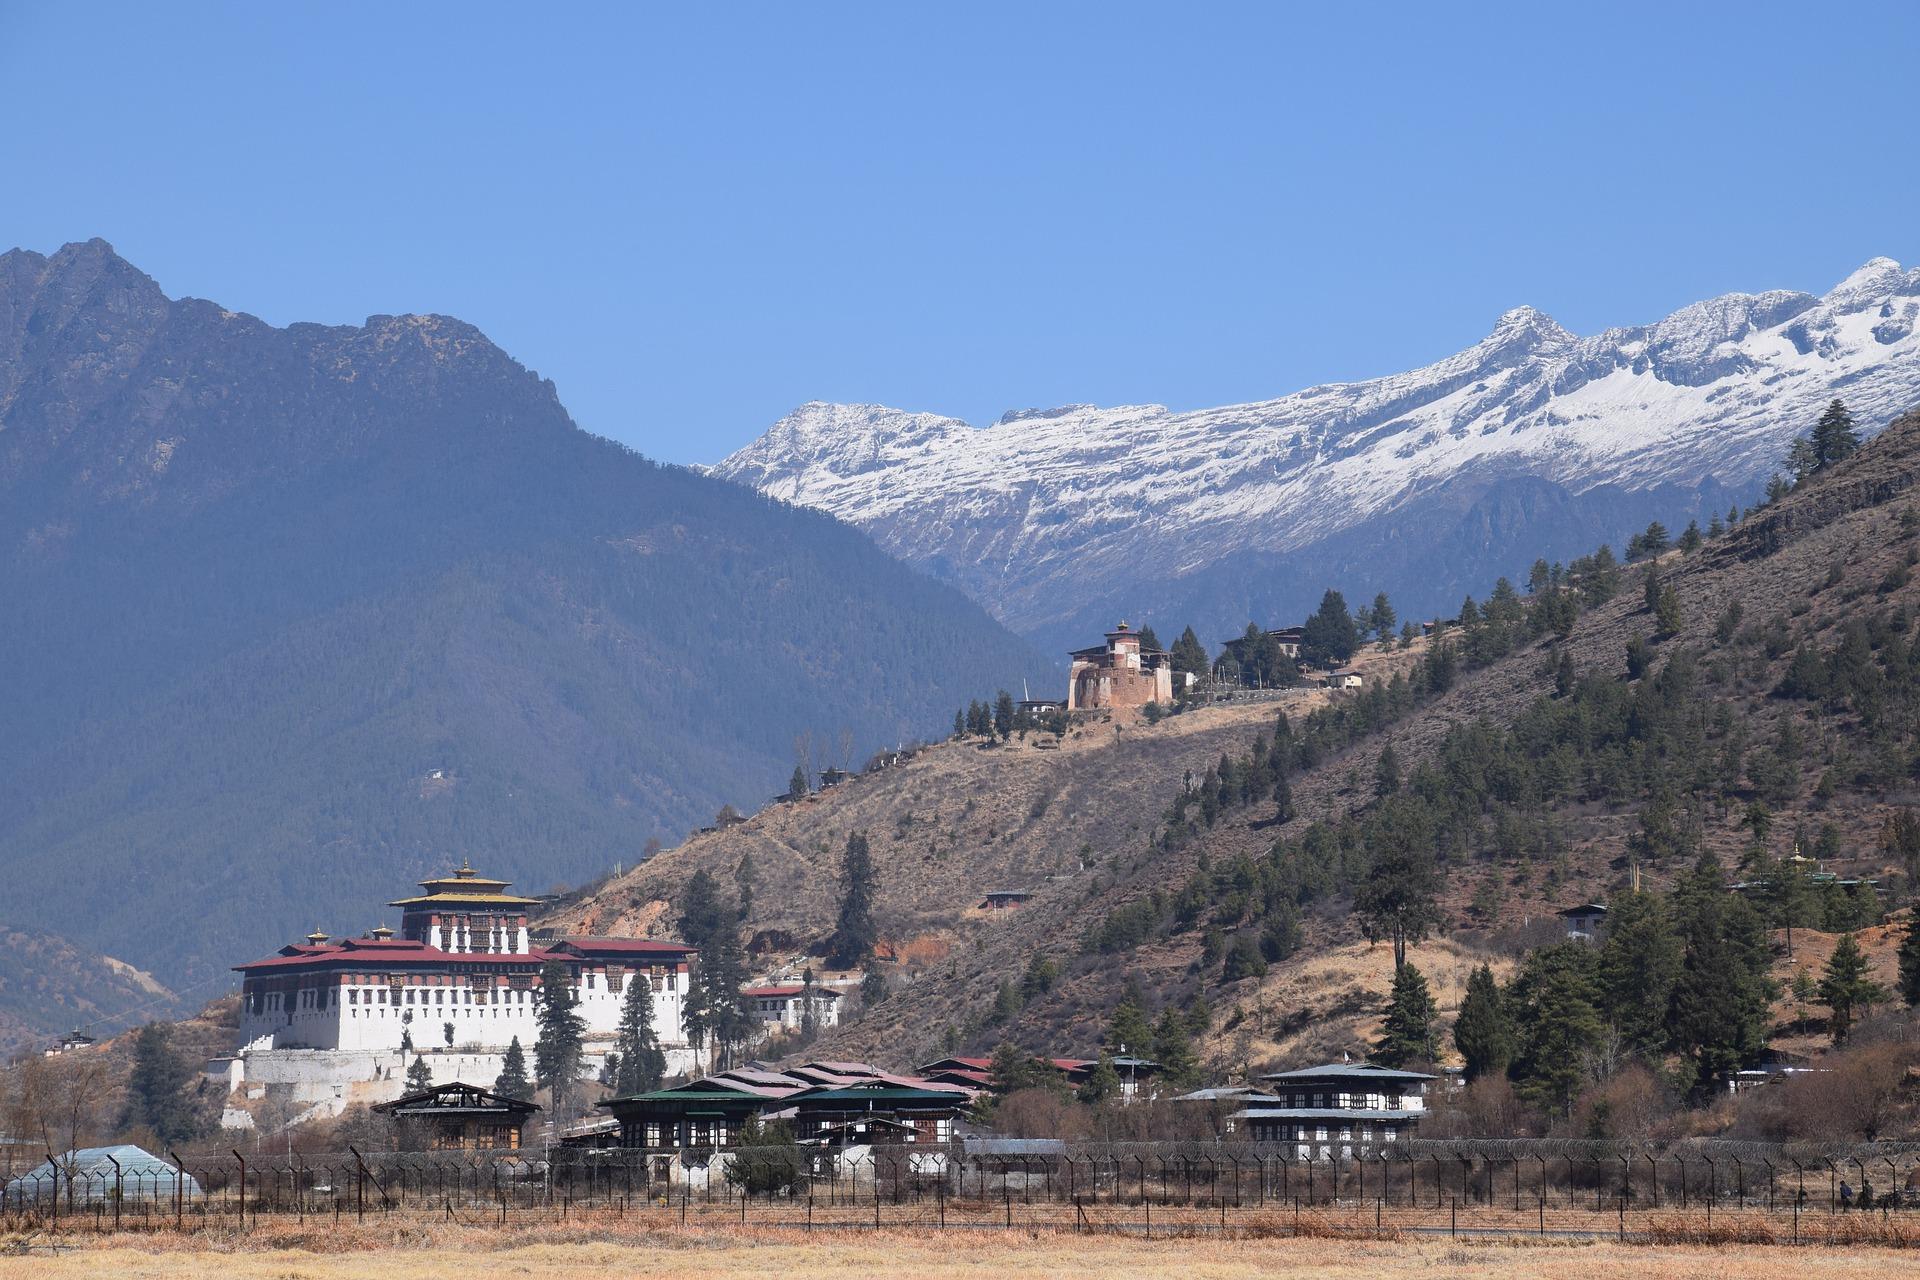 bhutan-854933_1920.jpg